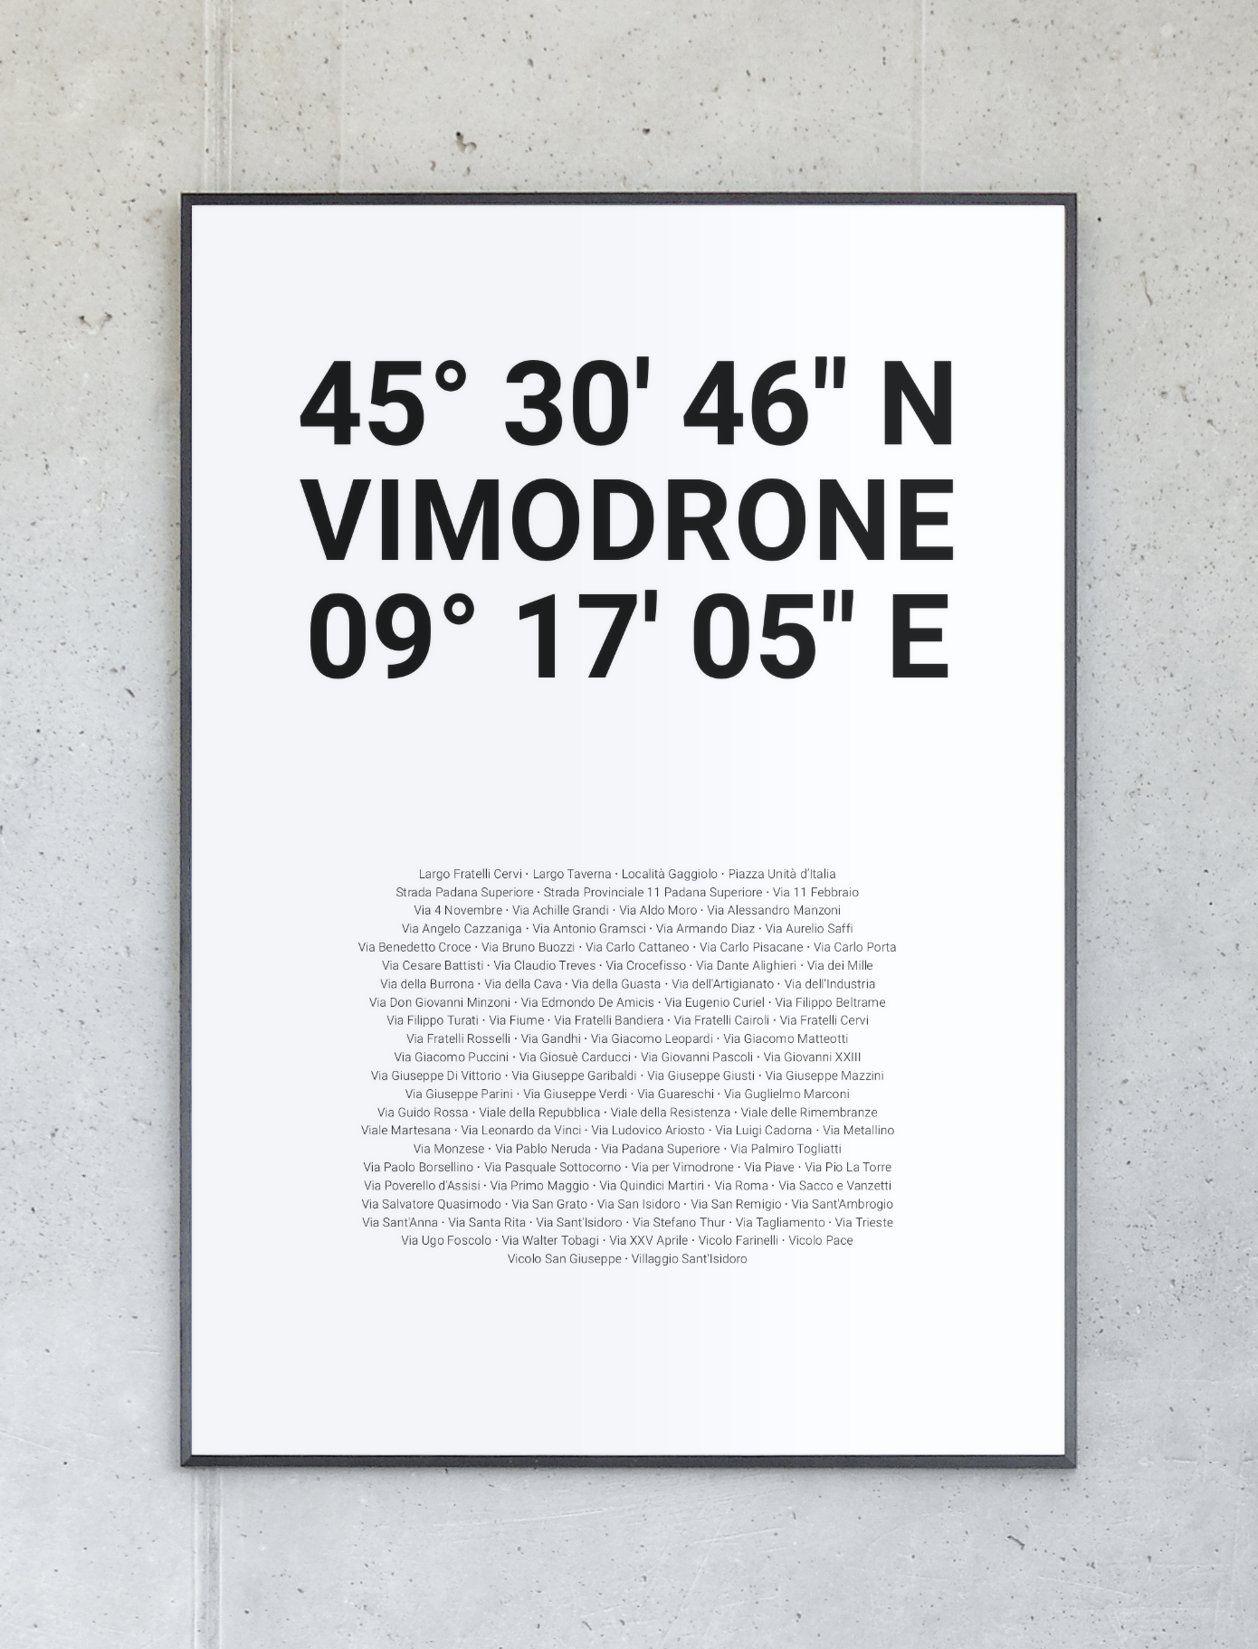 Koordinatenposter von Vimodrone – Komplett personalisierbar.